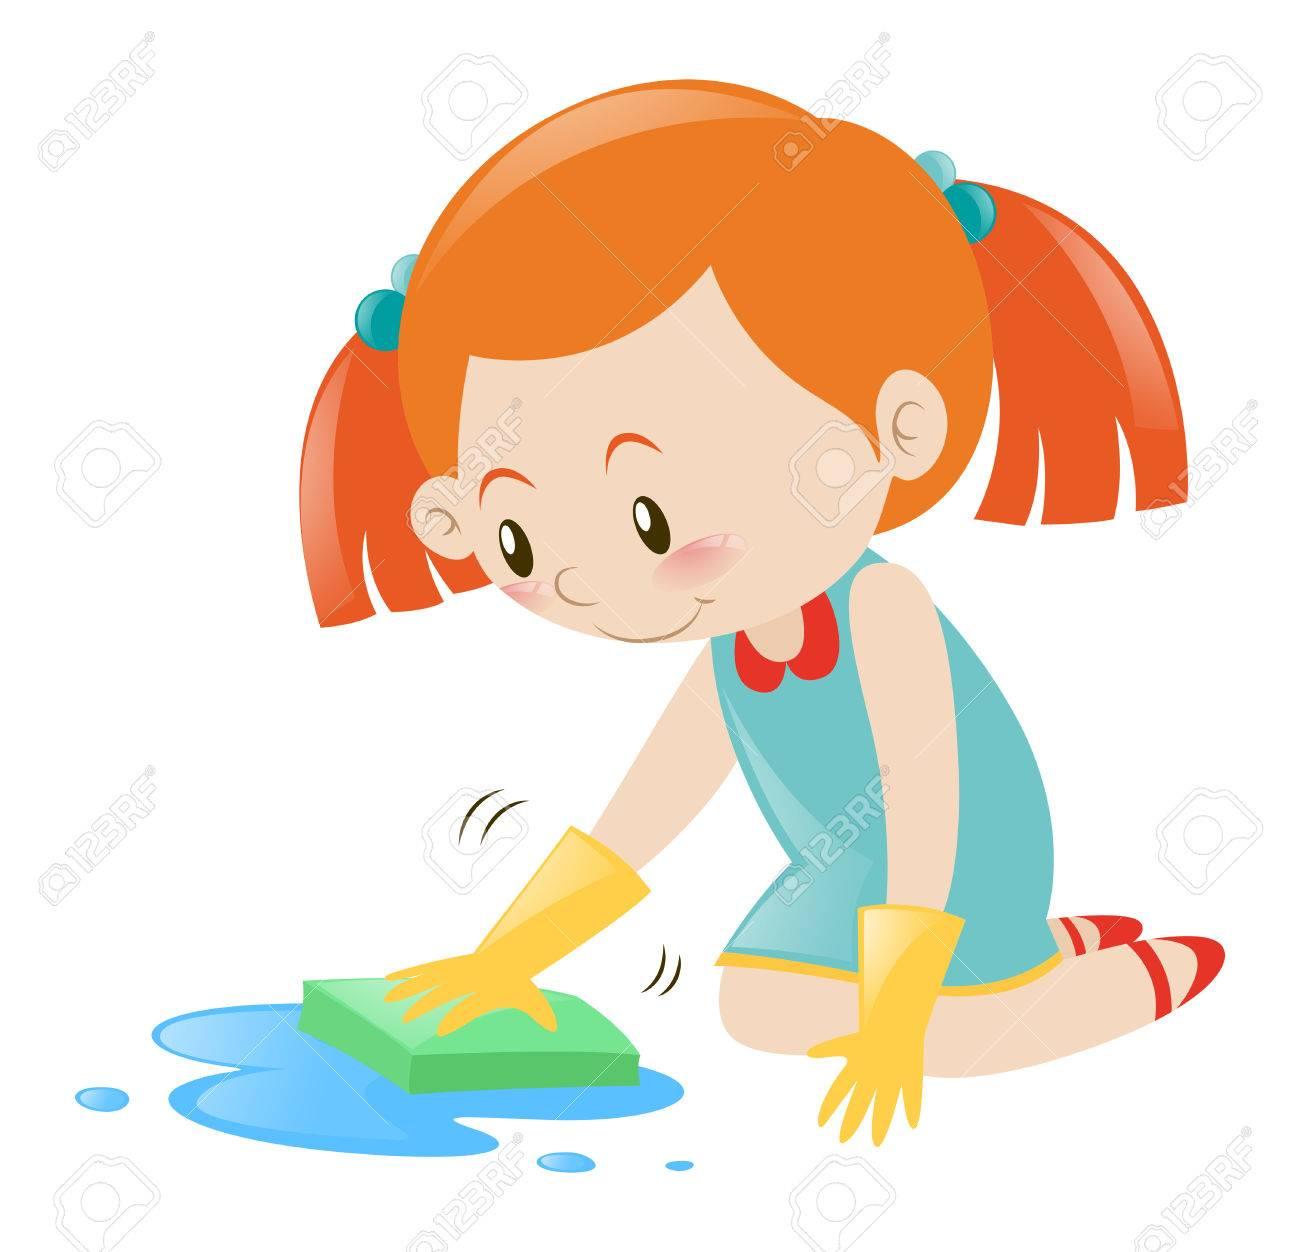 Little girl cleaning floor with sponge illustration.